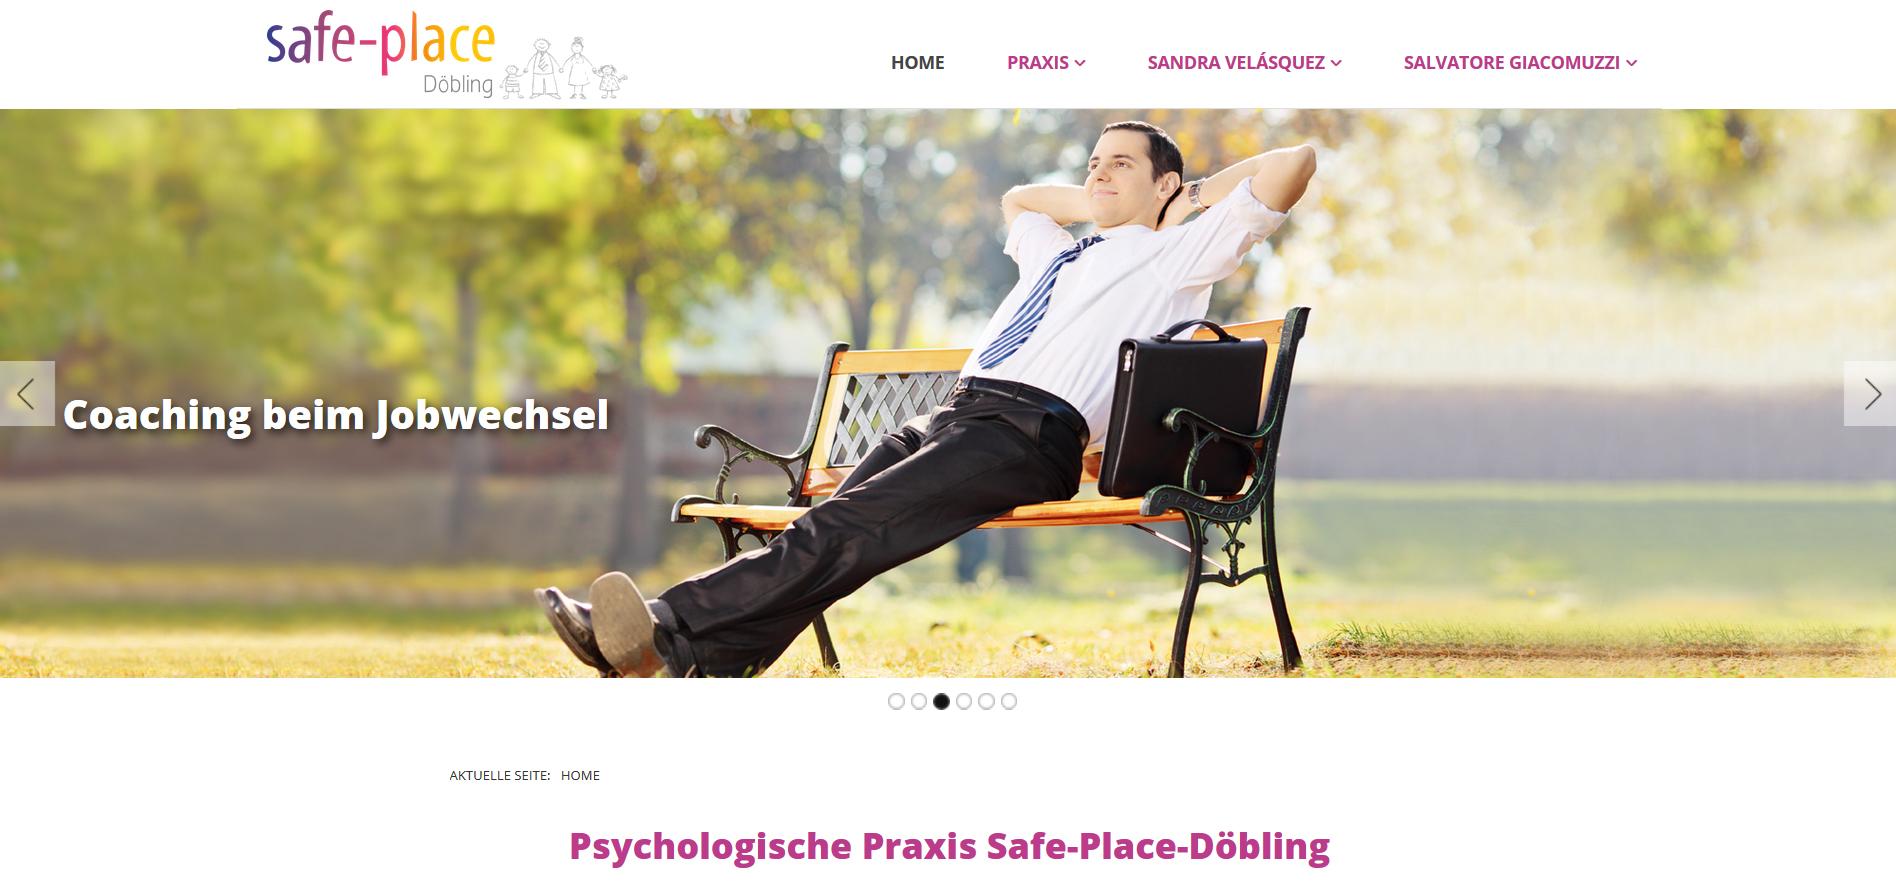 Website Praxis Safe-Place-Döbling